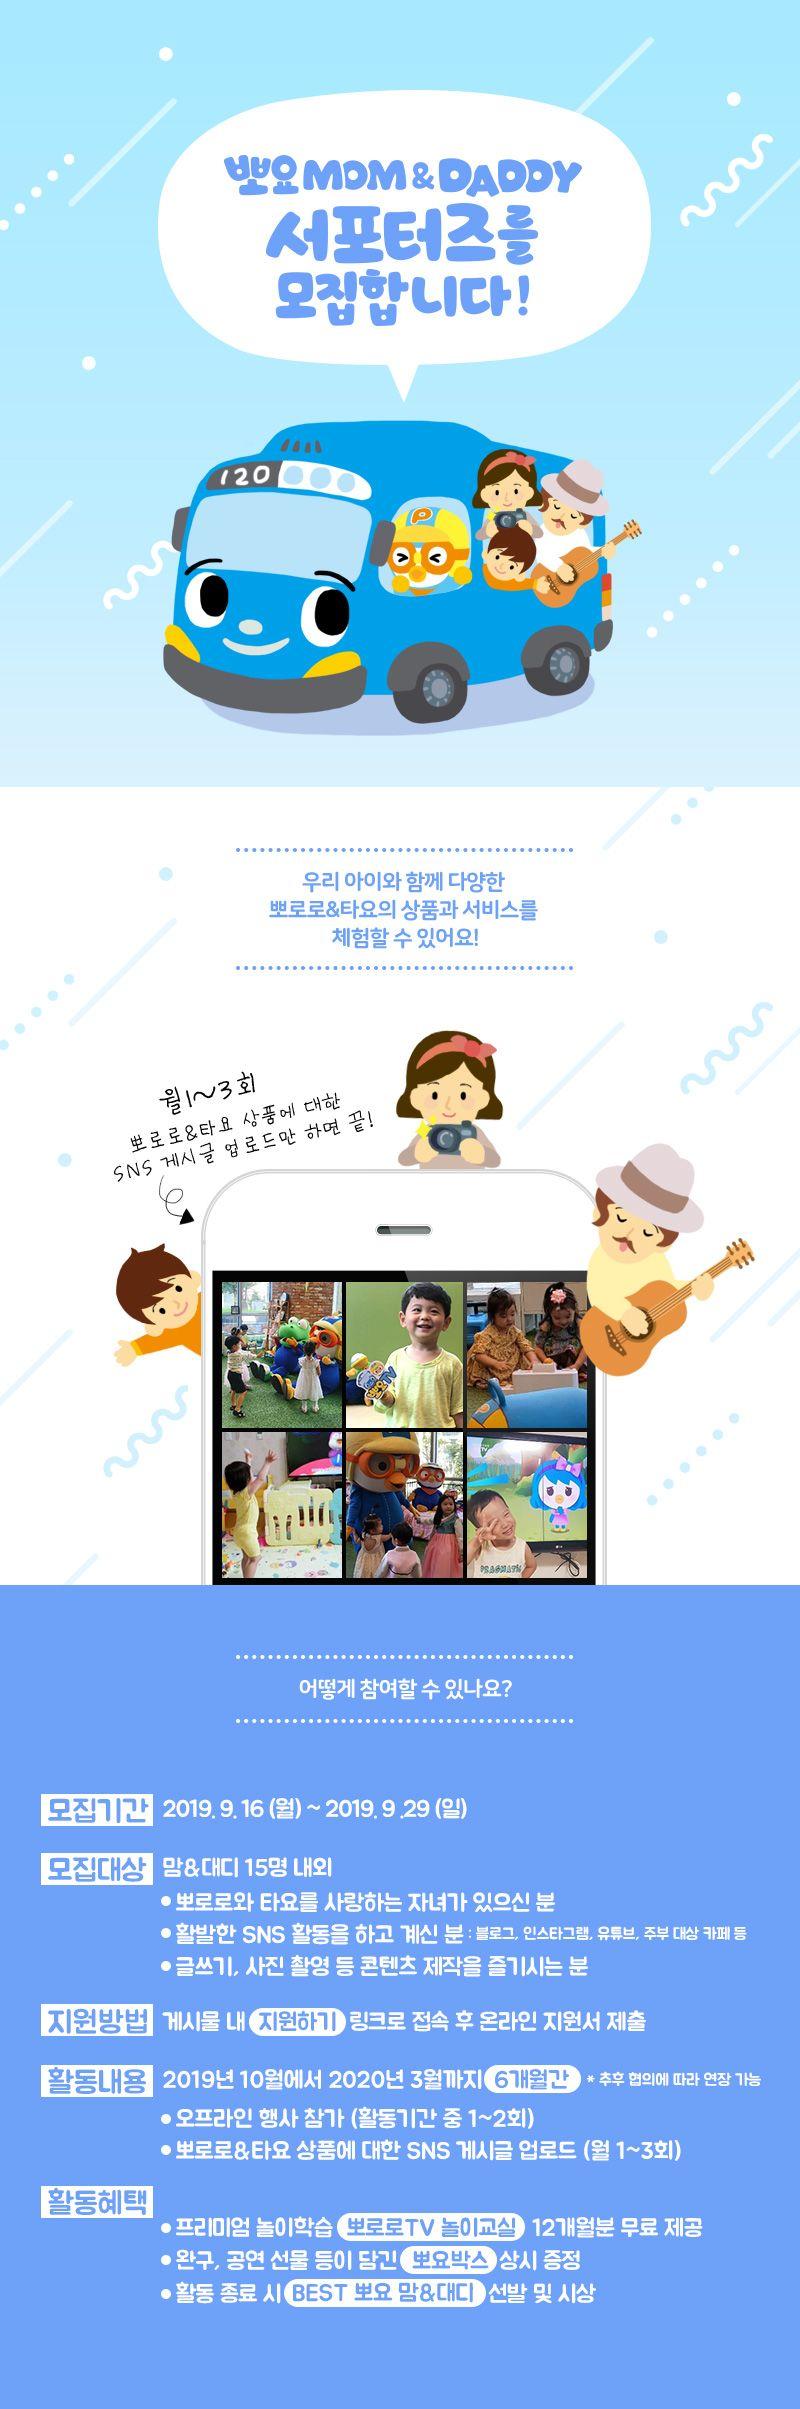 아이코닉스 뽀요 맘 & 대디 서포터즈 모집